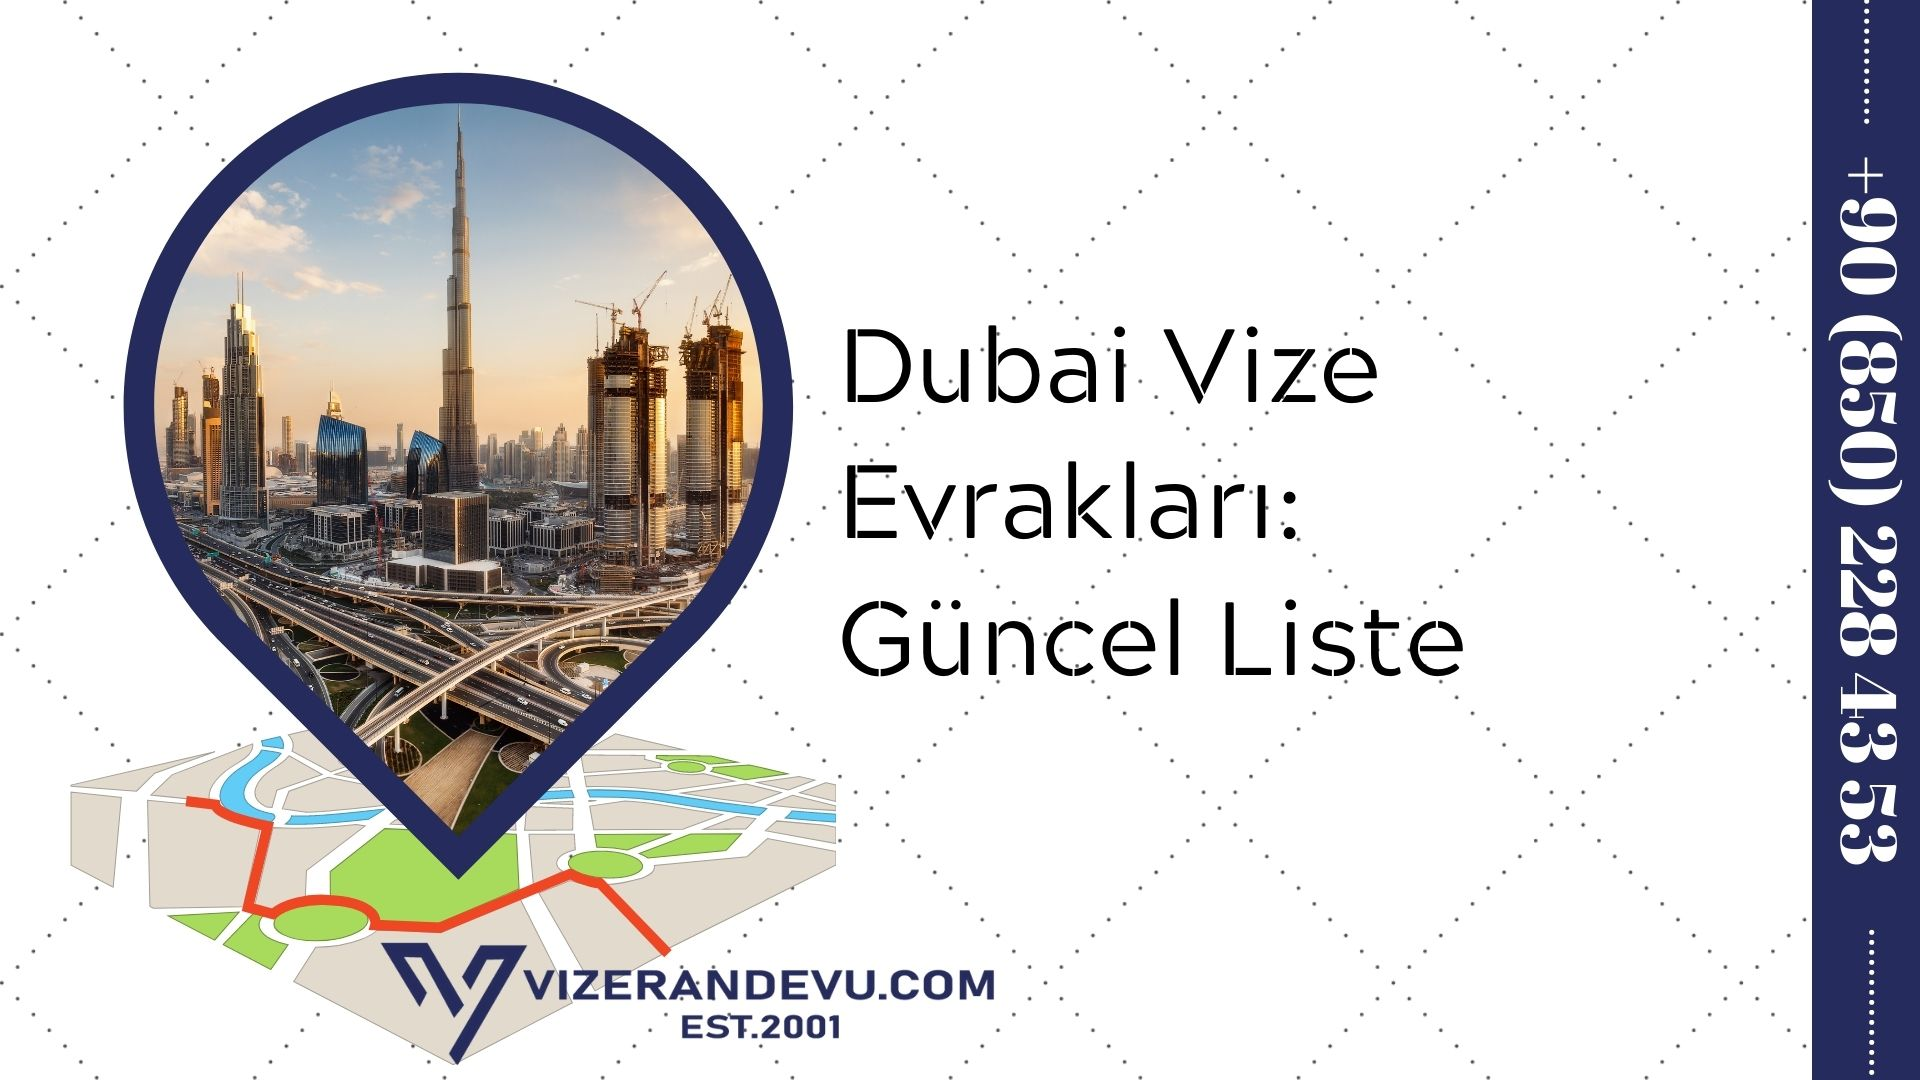 Dubai Vize Evrakları: Güncel Liste 2021